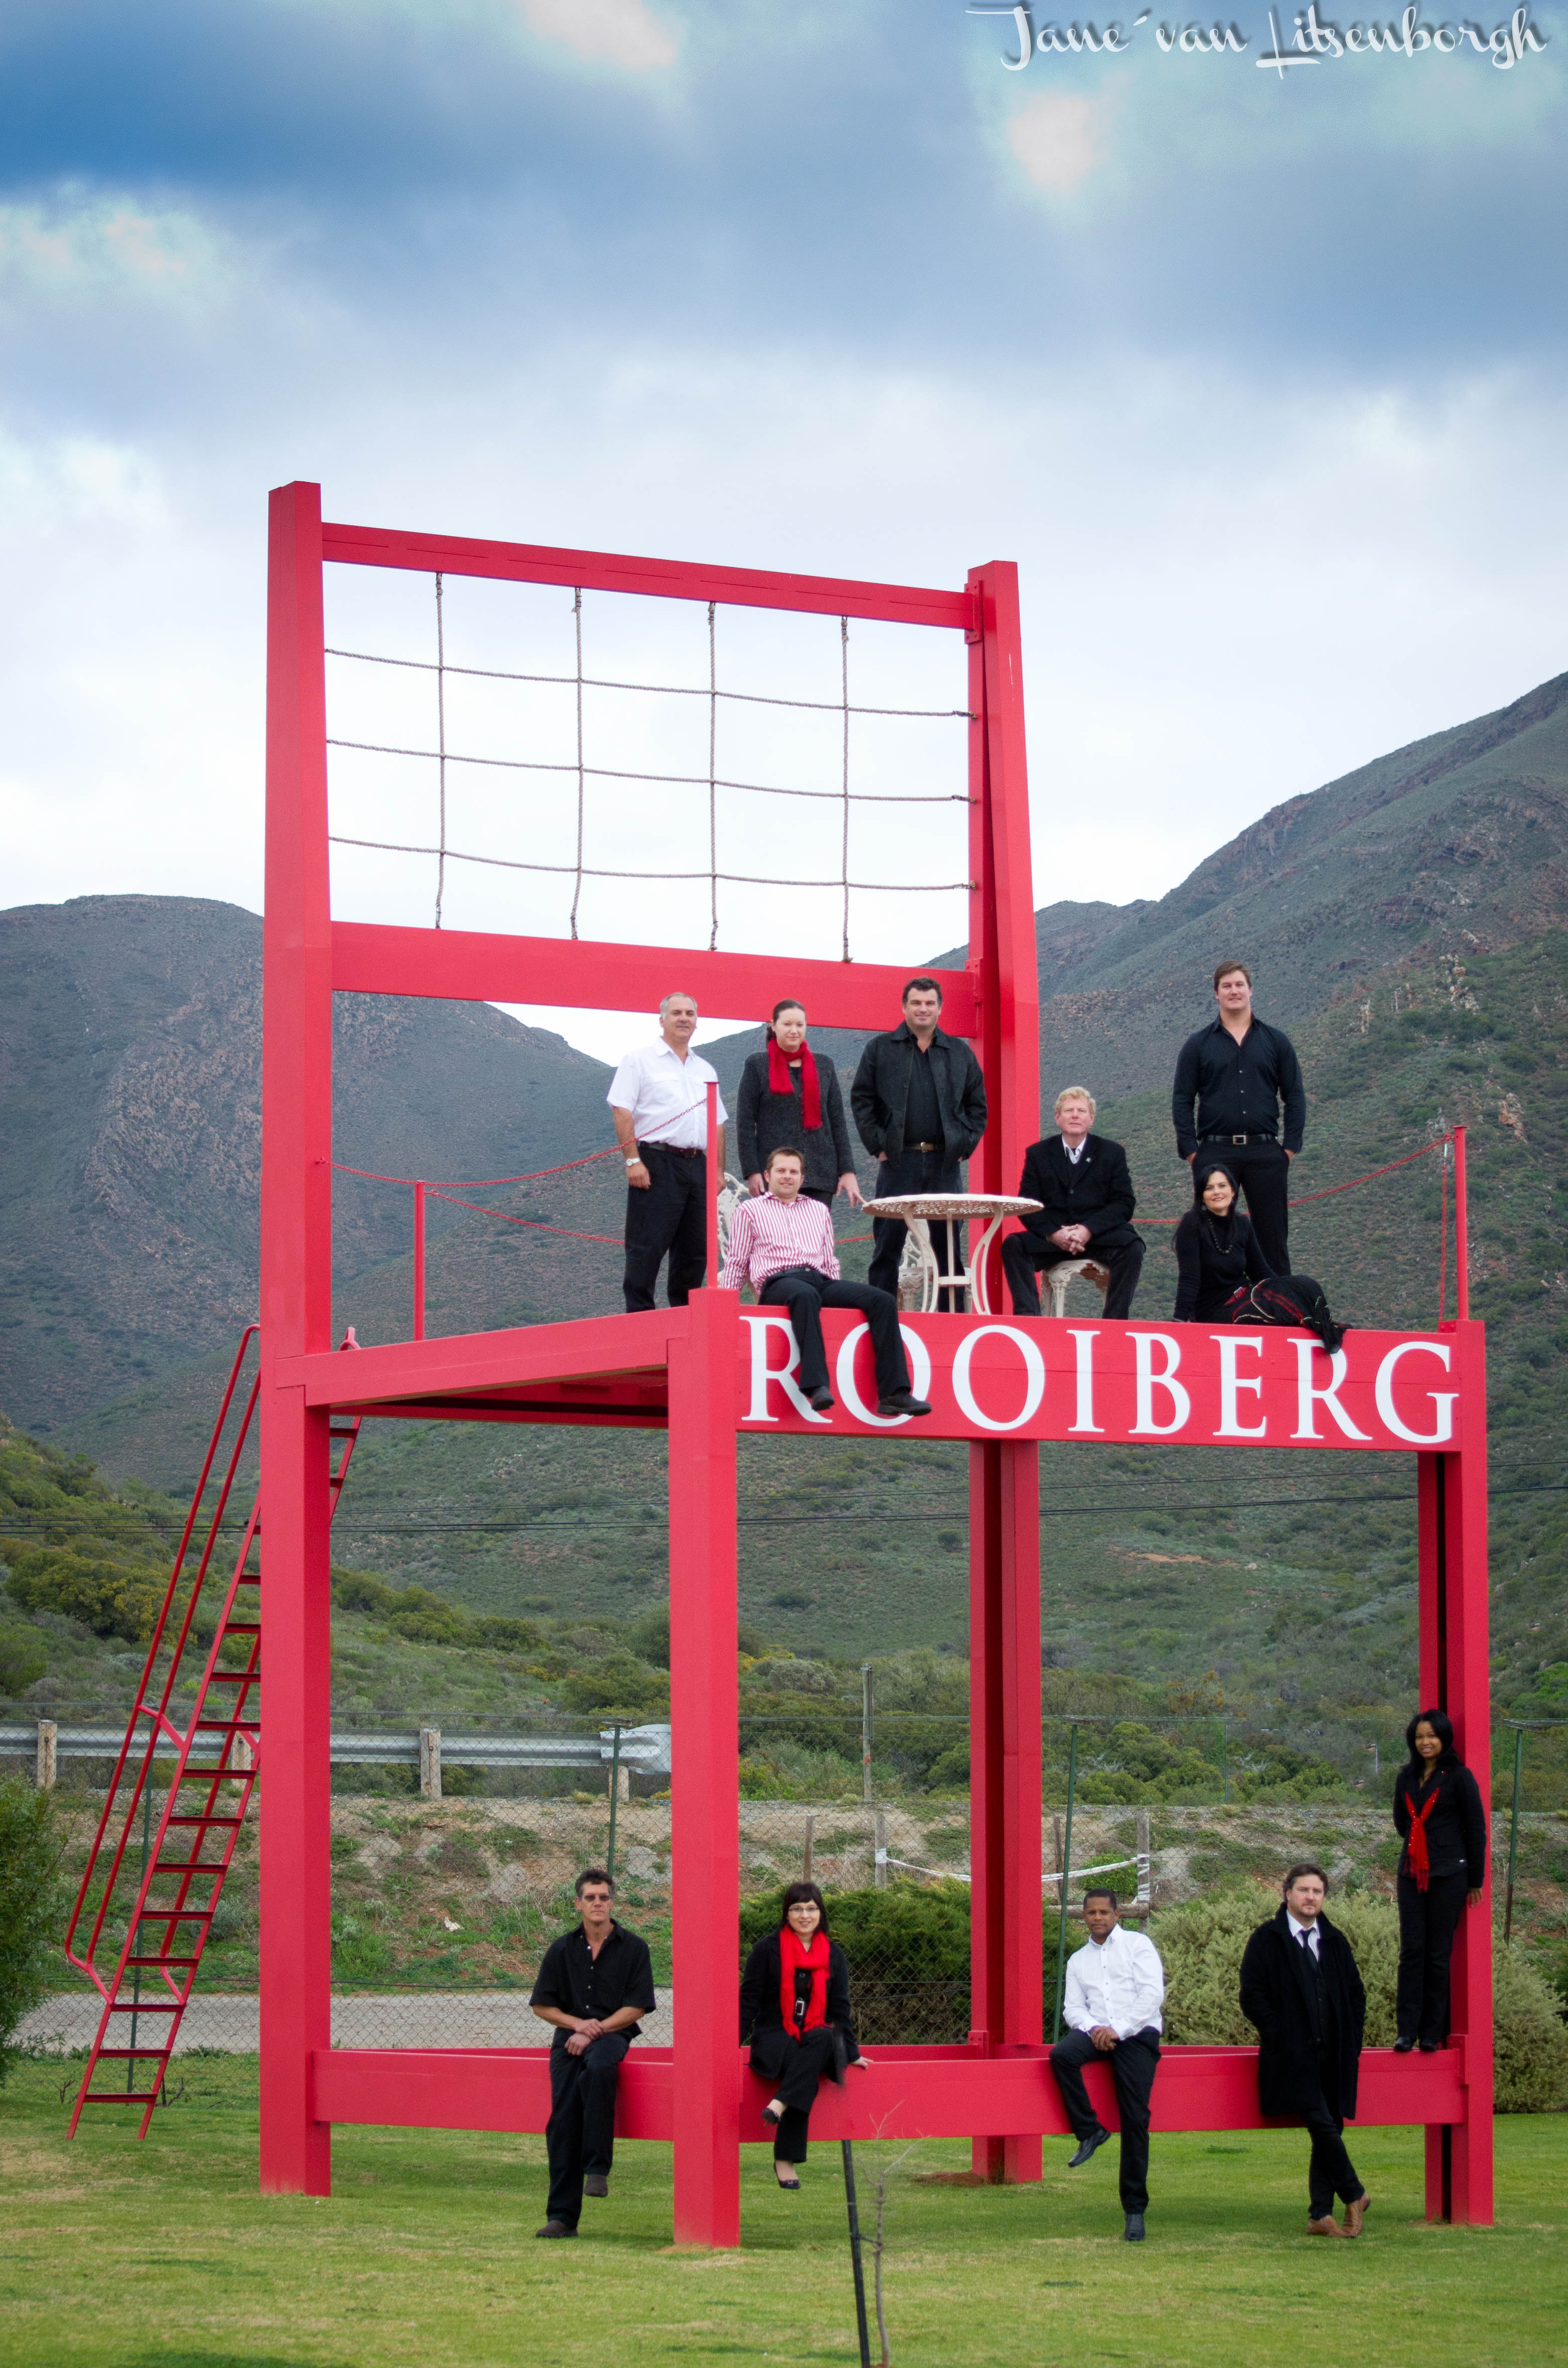 Rooiberg 2013